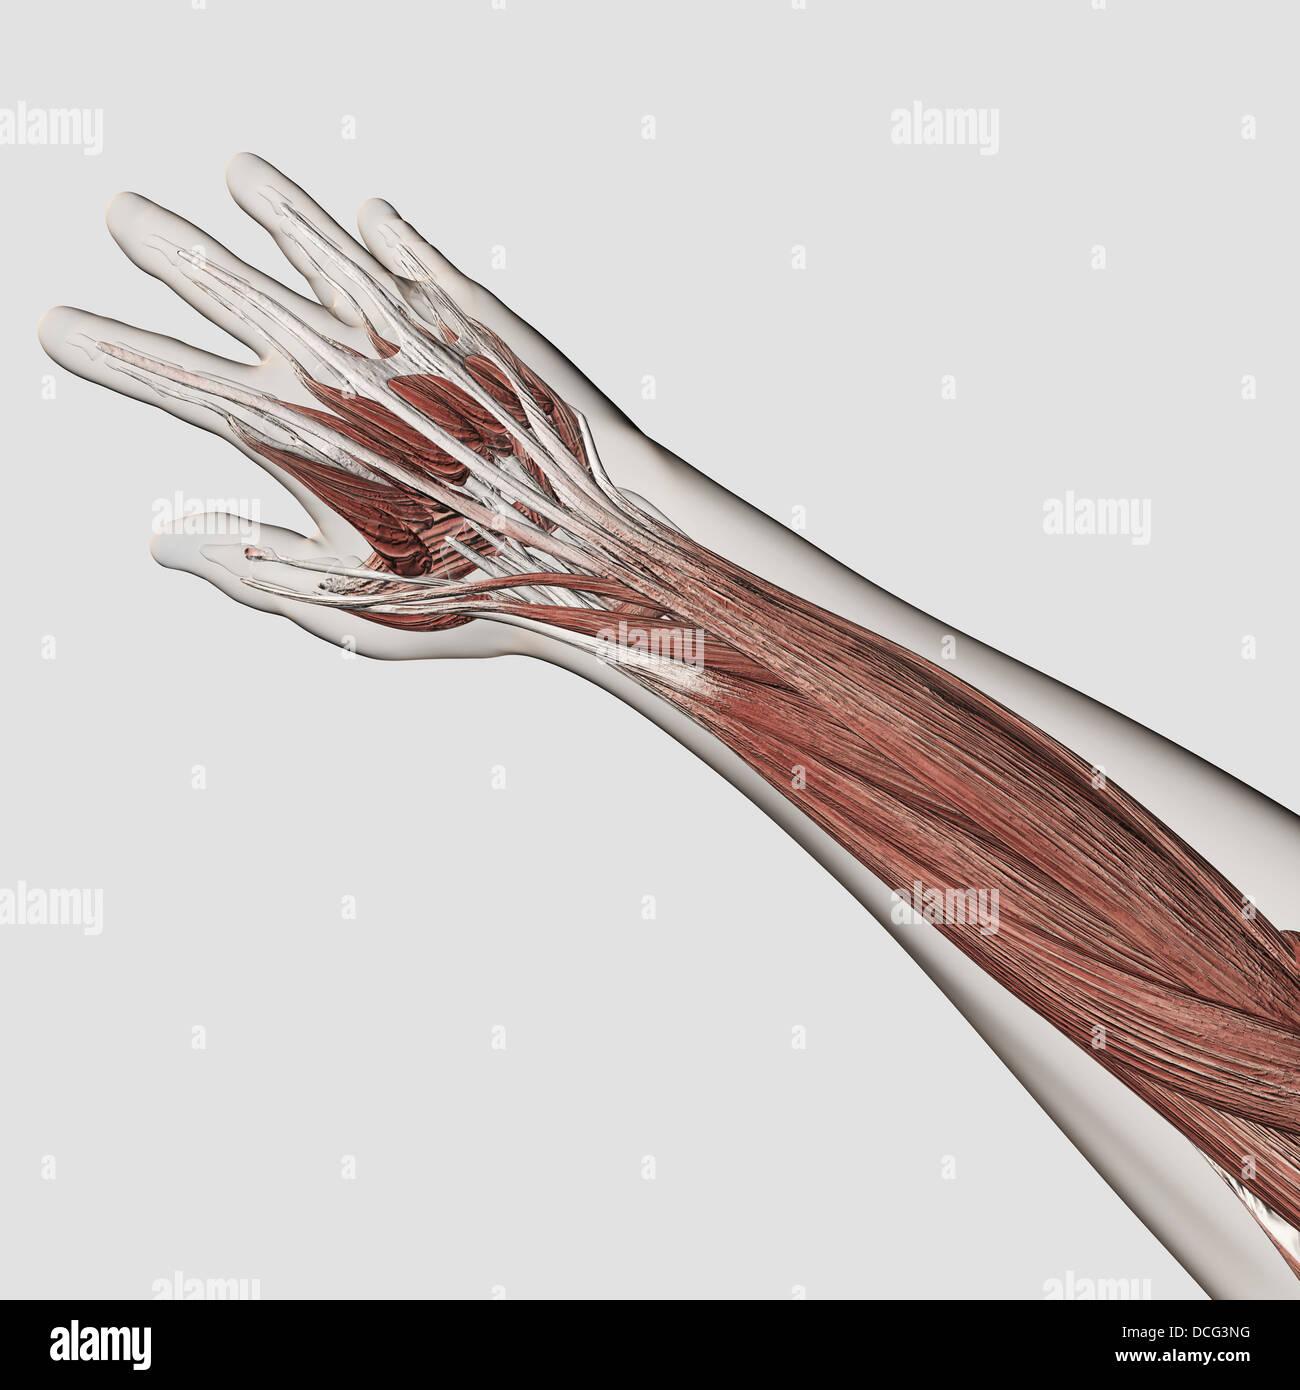 Muskel-Anatomie des menschlichen Arm und Hand Stockfoto, Bild ...